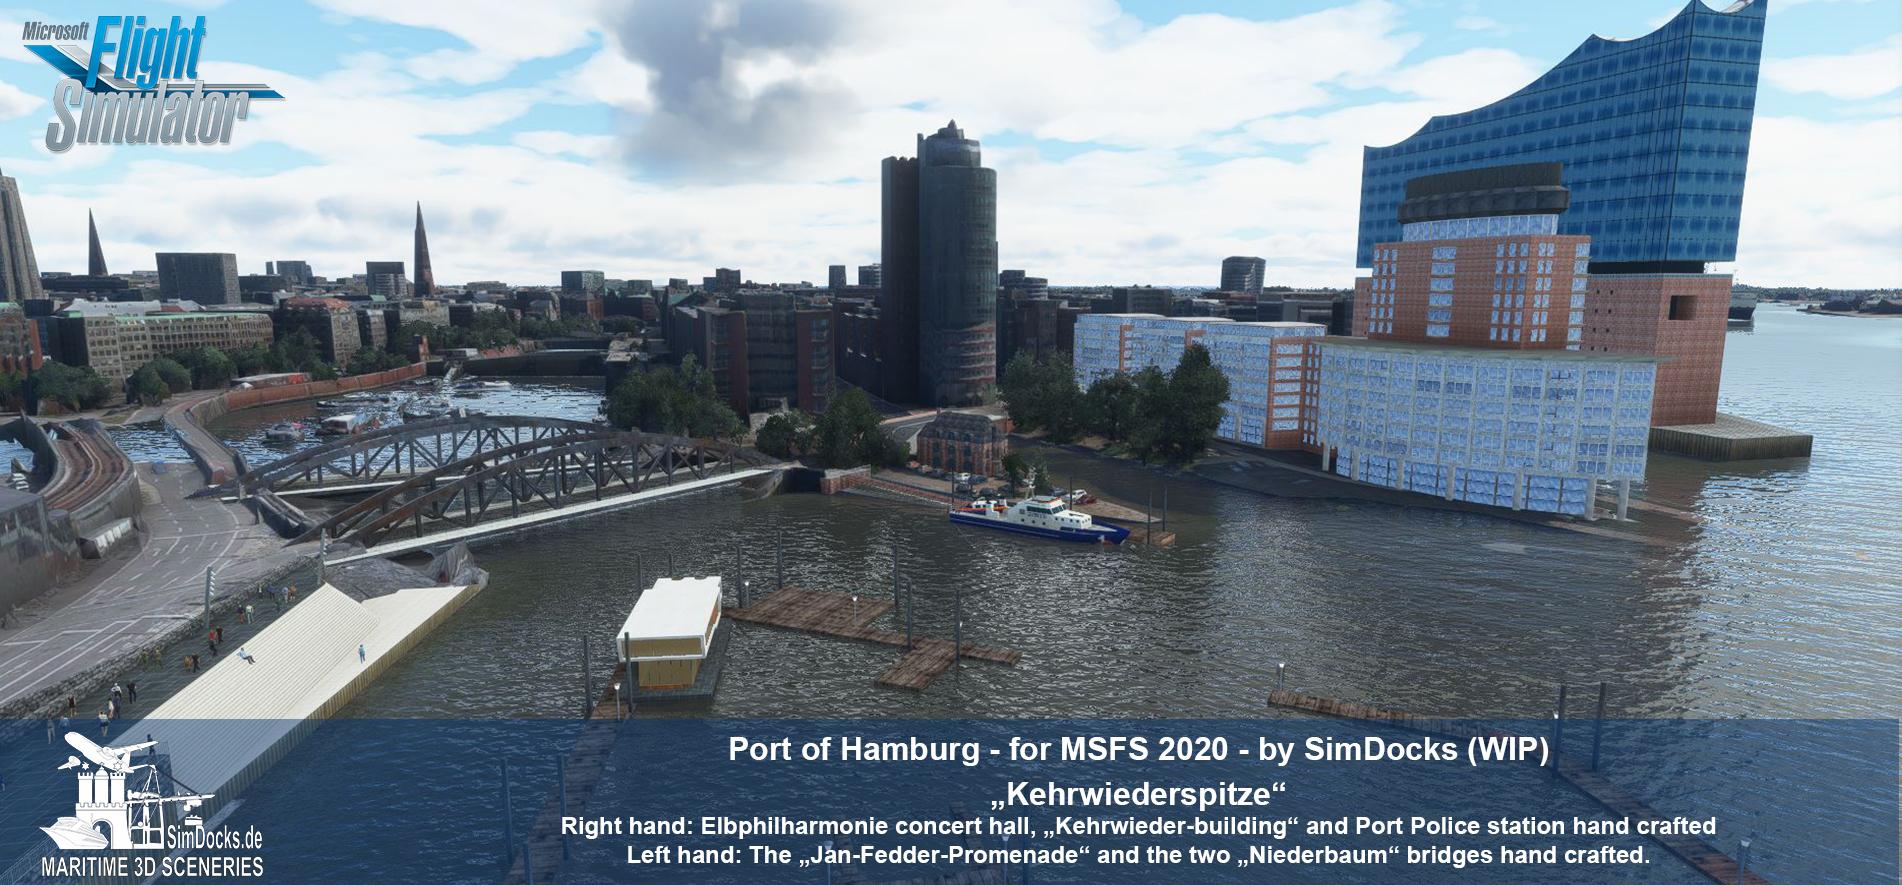 Bild81_Kehrwiederspitze.jpg